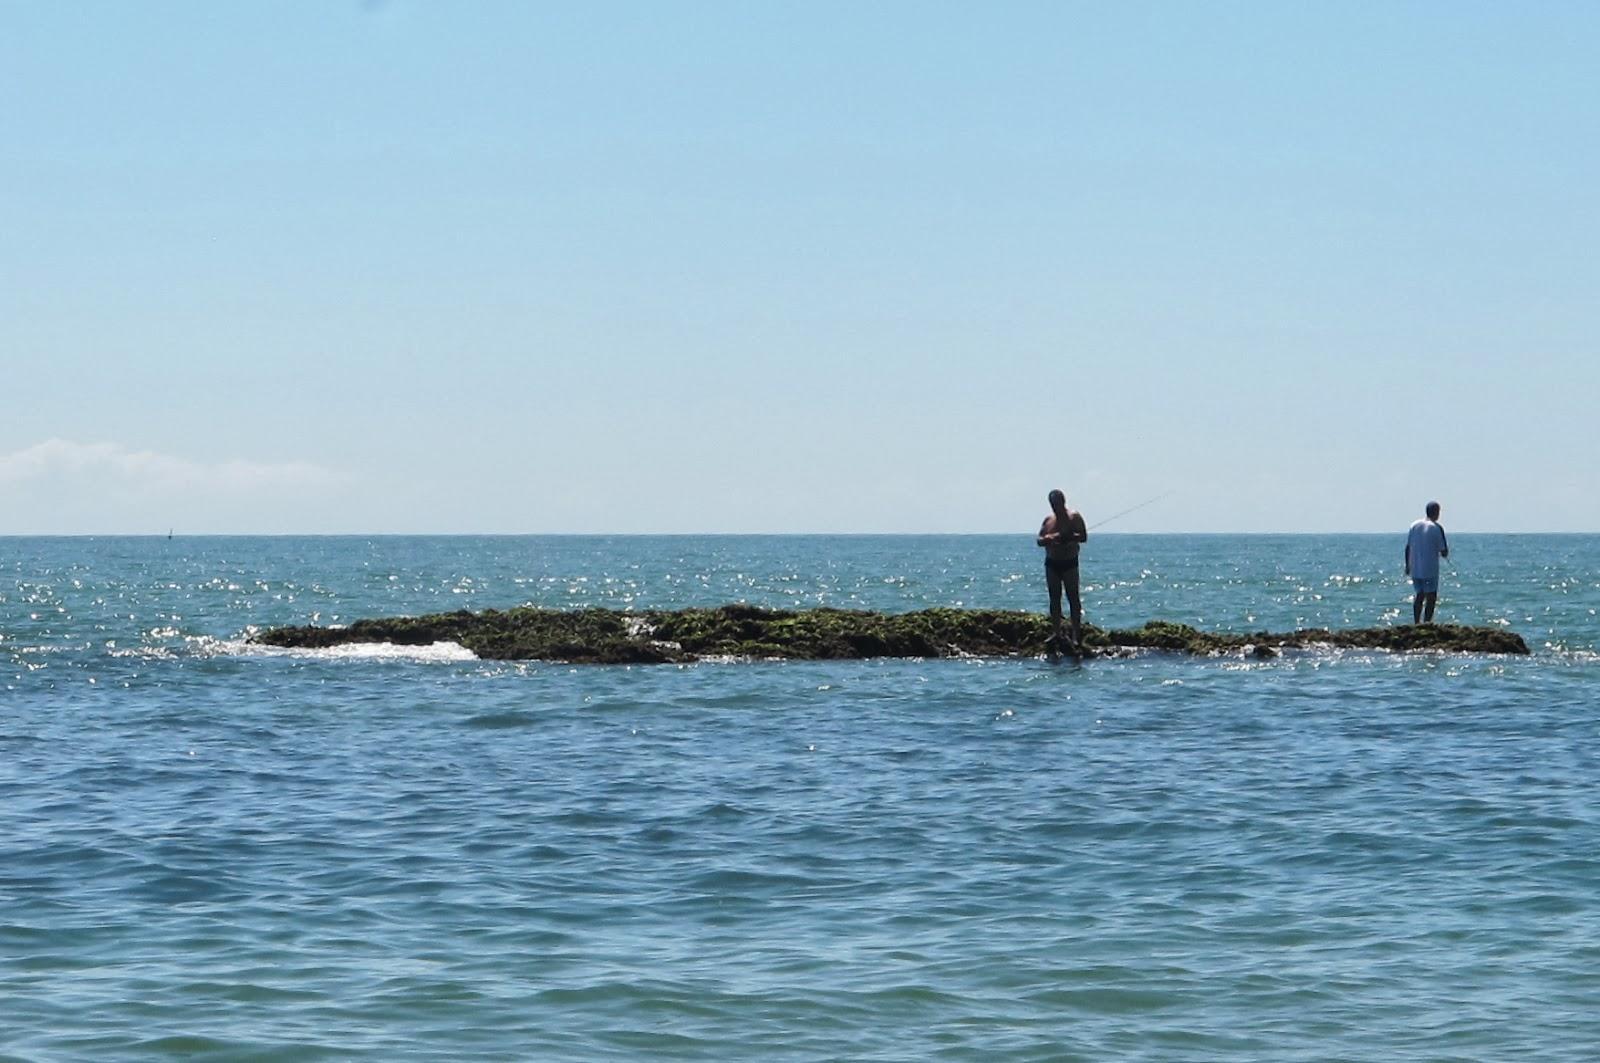 Nativo pescando na Praia Vermelha, em Penha, no litoral catarinense.